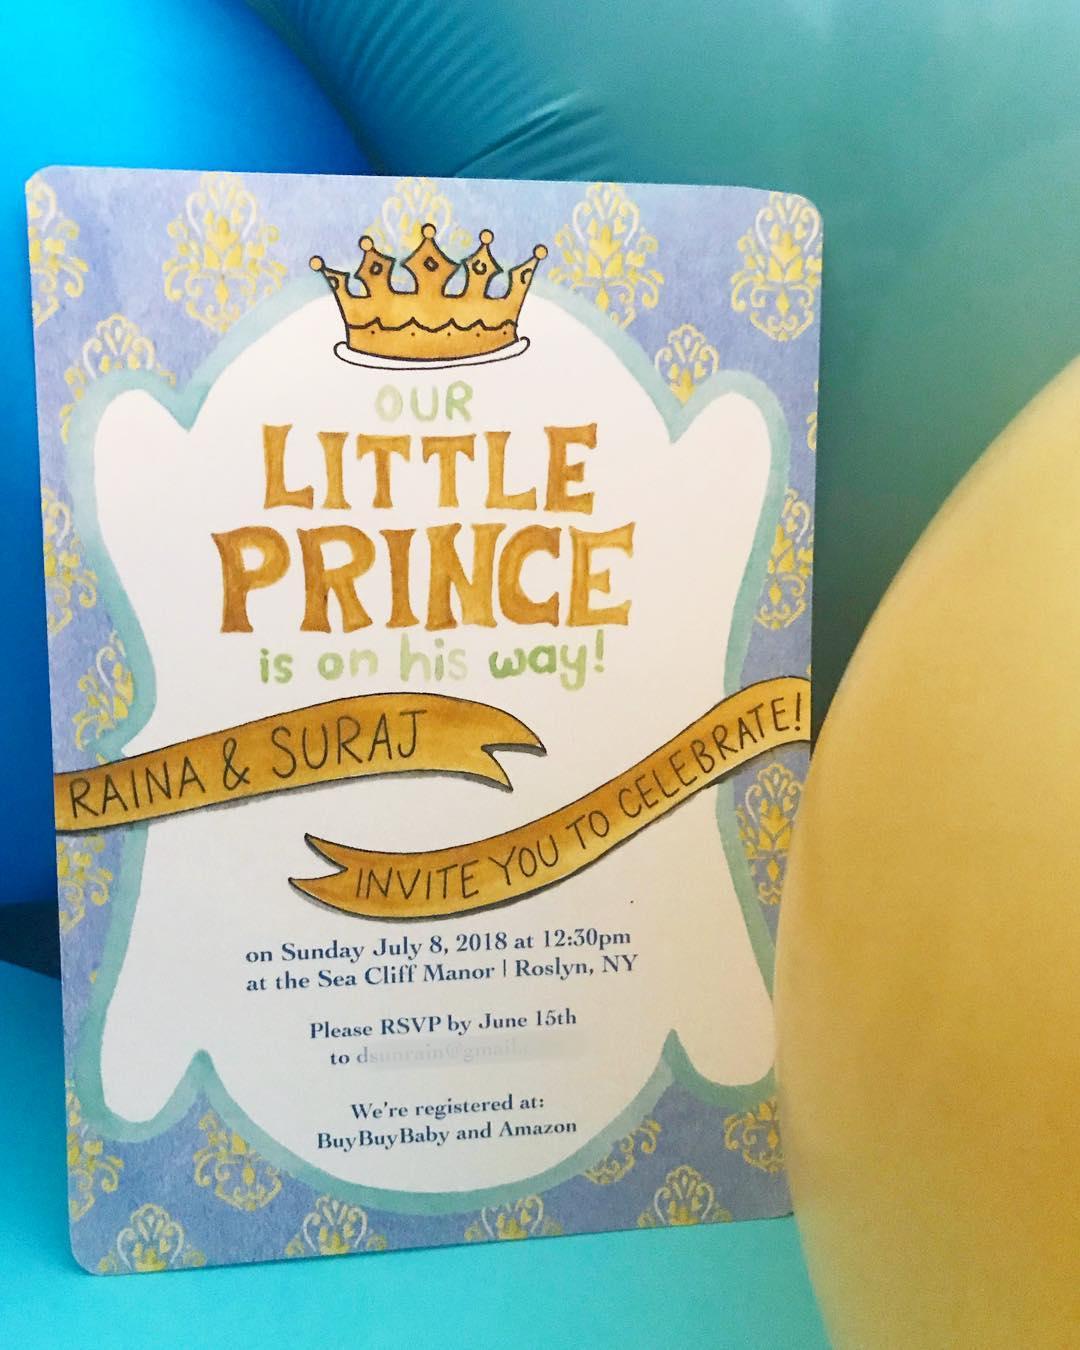 Little Prince Royal Baby Shower Invite.jpg